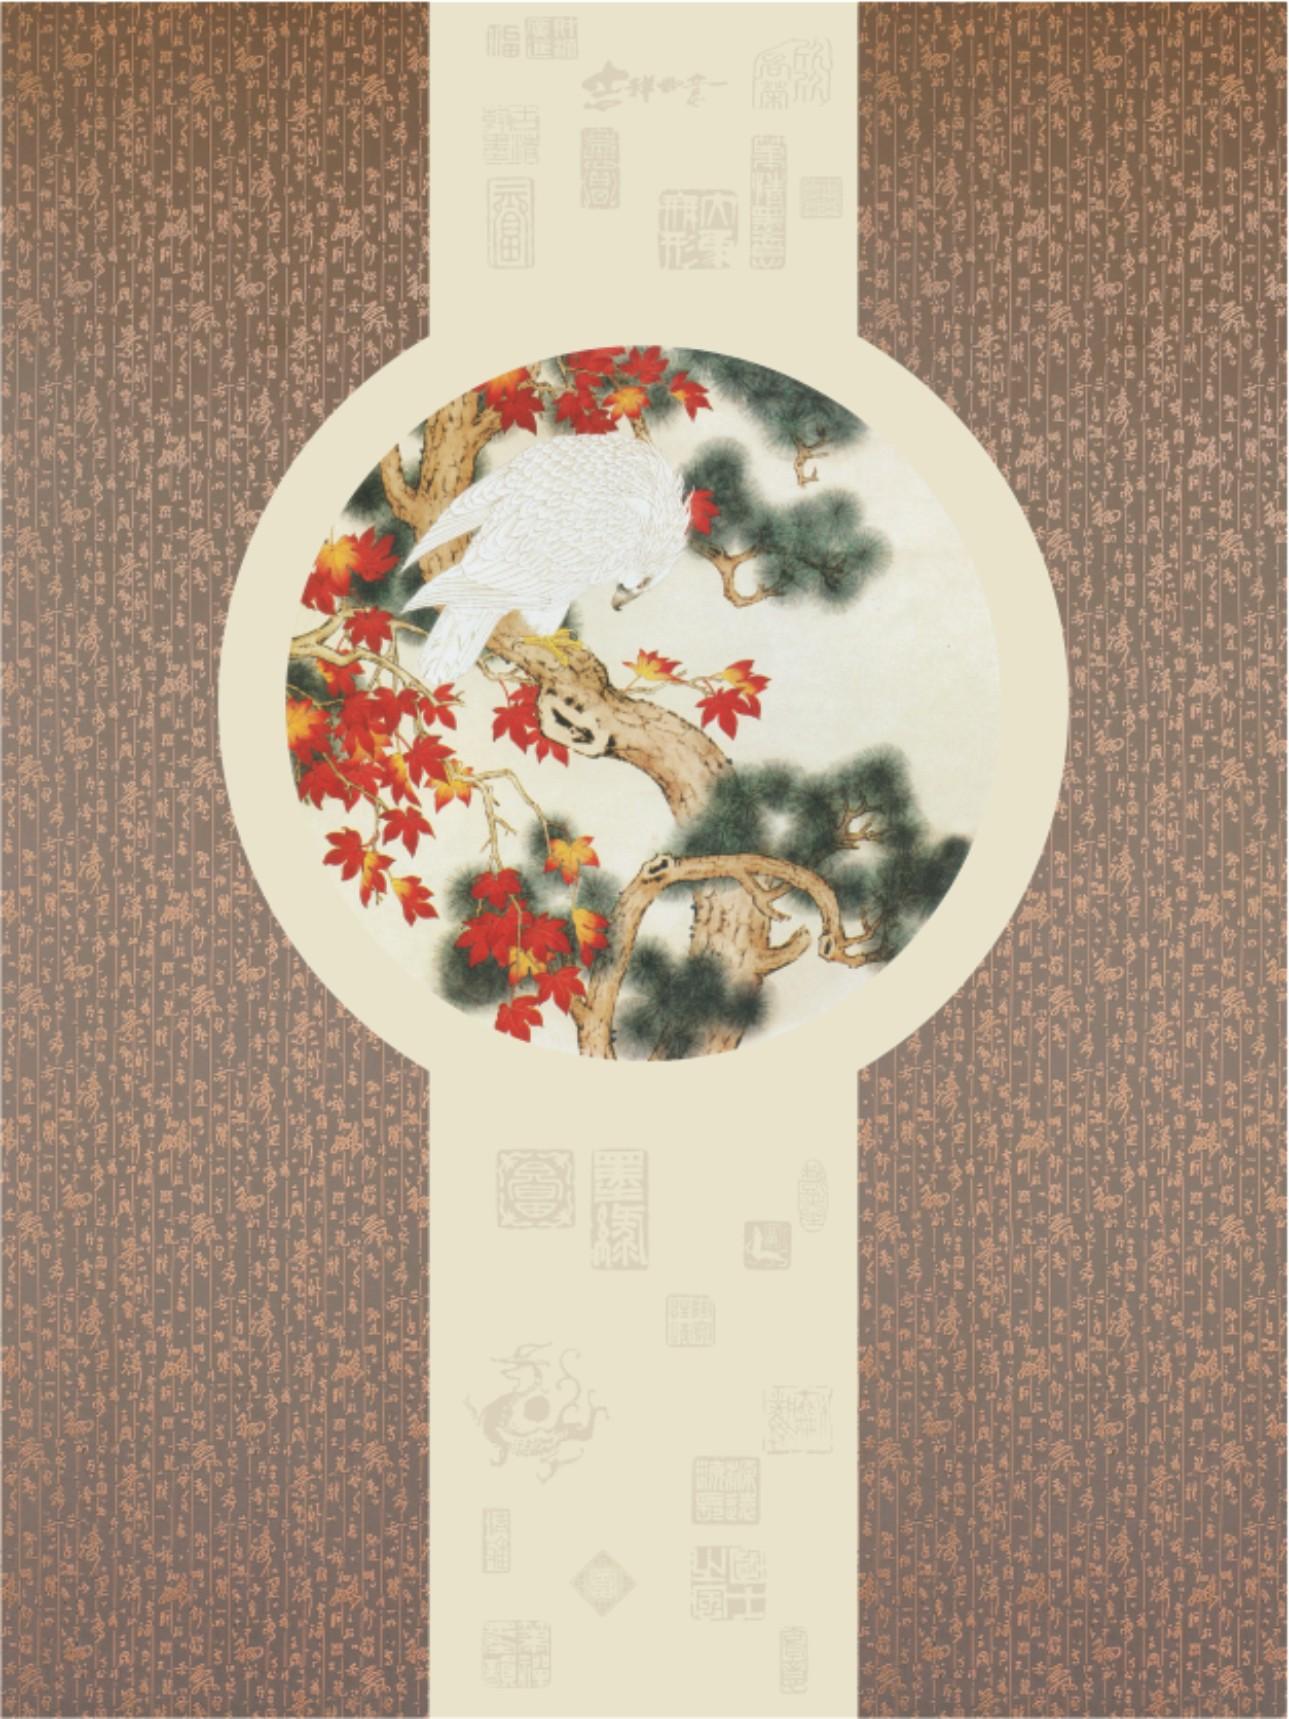 集成吊顶背景配饰系列LA006中式玄关(松)效果图